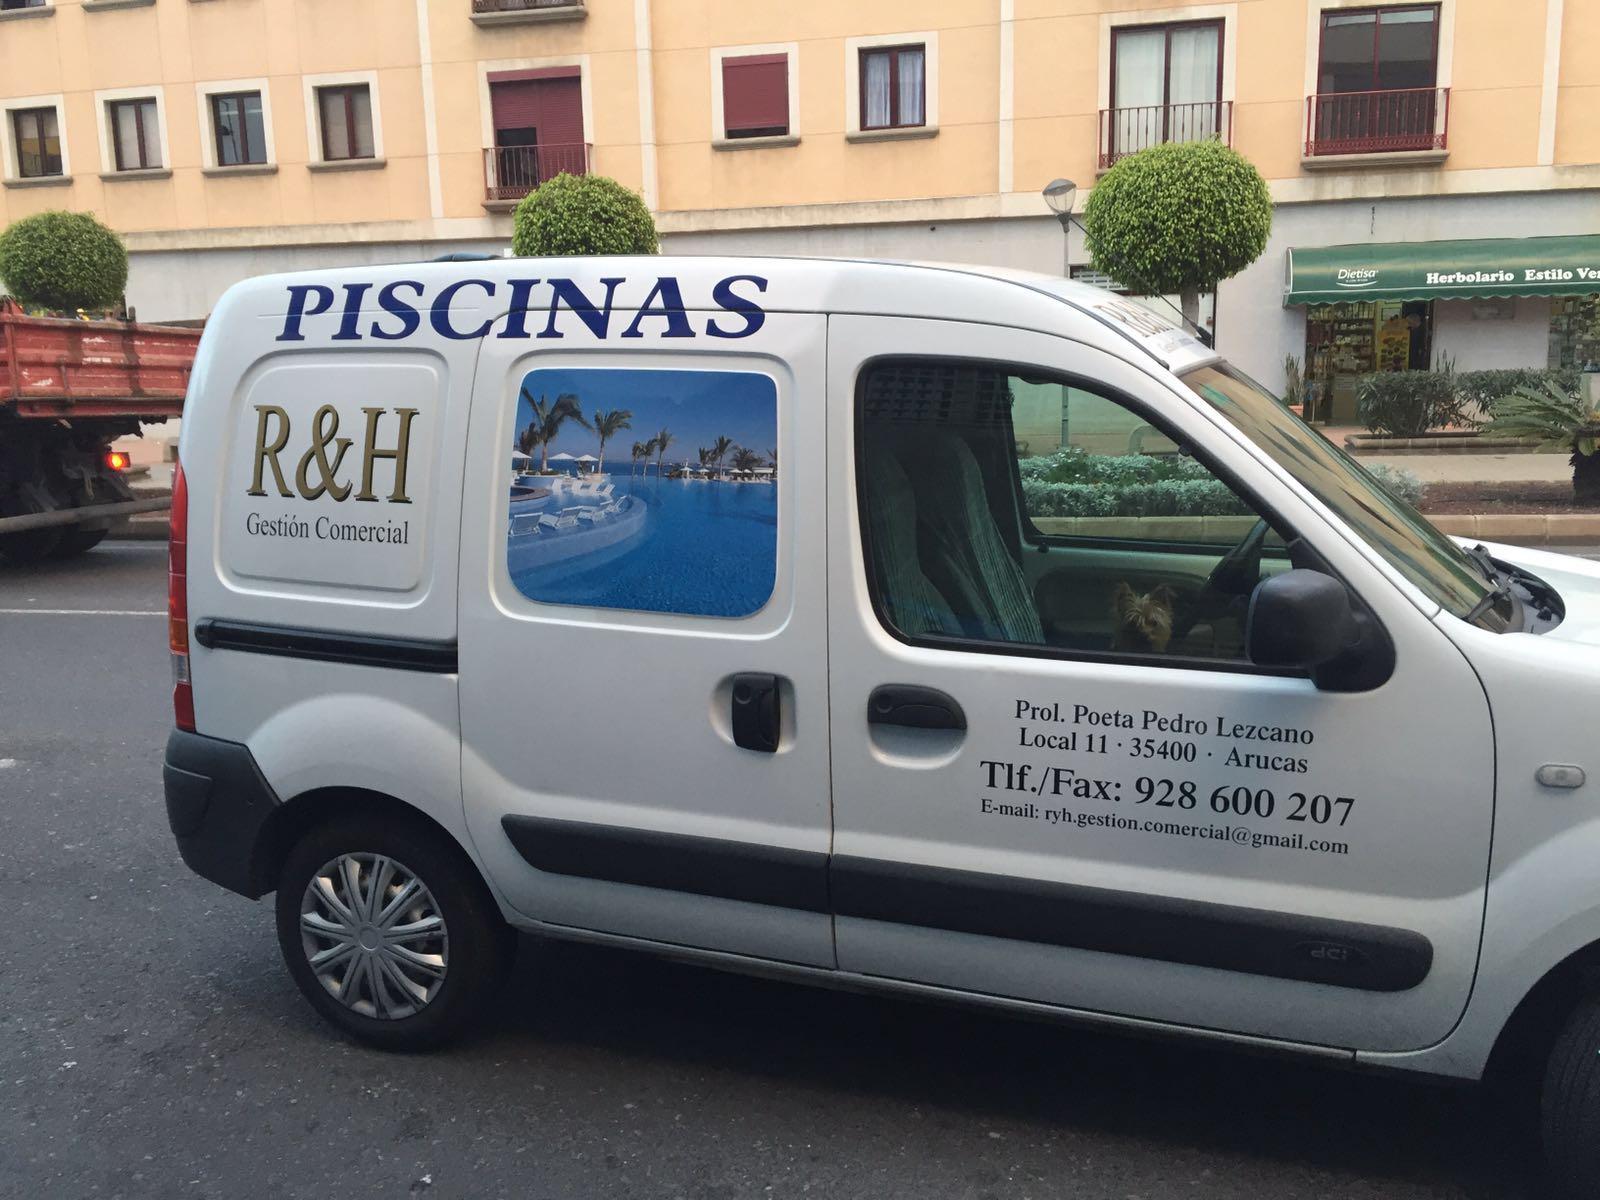 R&h Piscinas